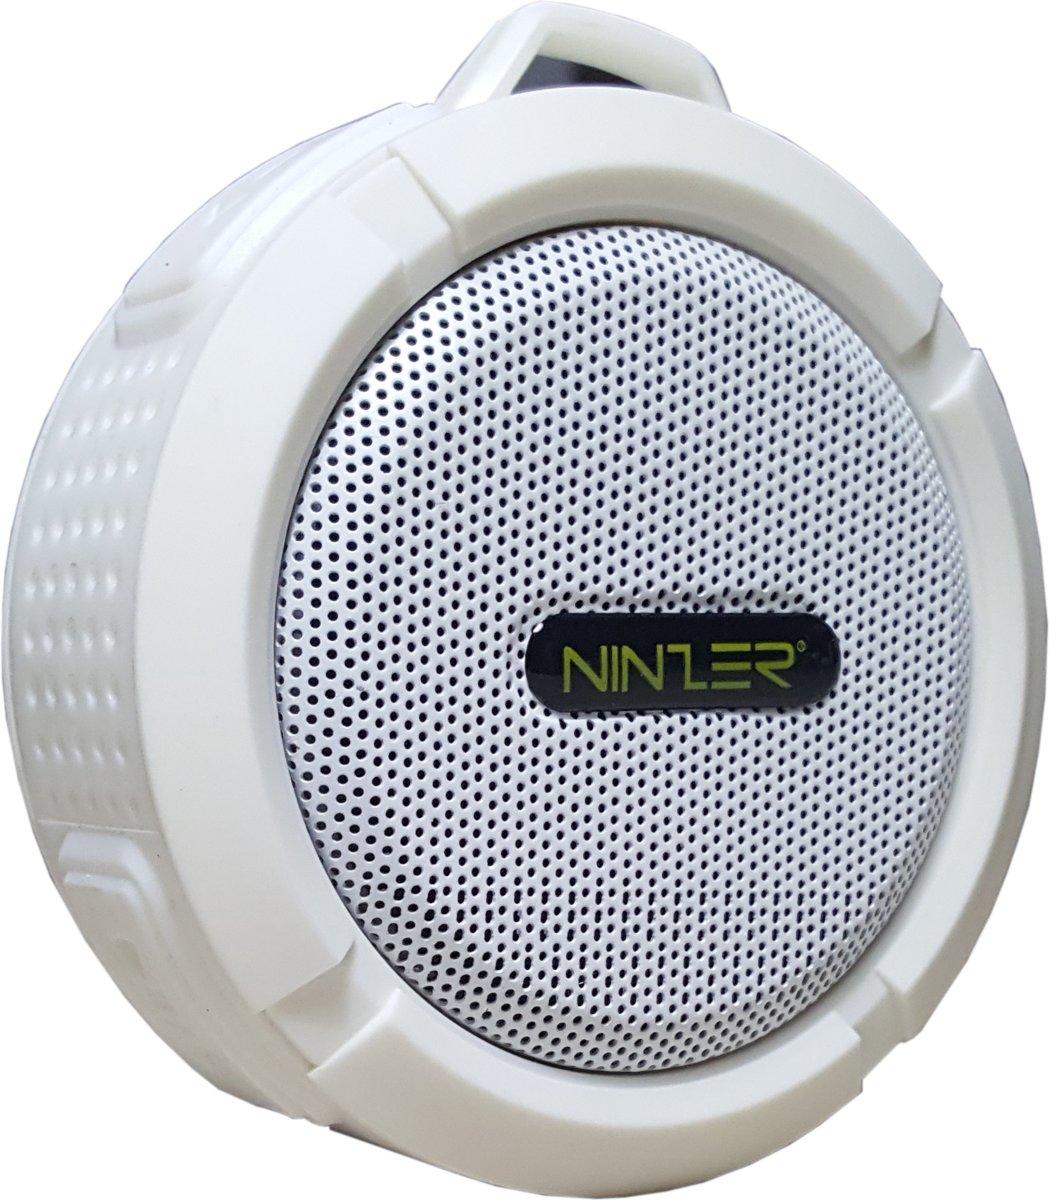 Ninzer Waterdichte Bluetooth Draadloze Speaker voor Douche, Bad of in de Auto | Wit